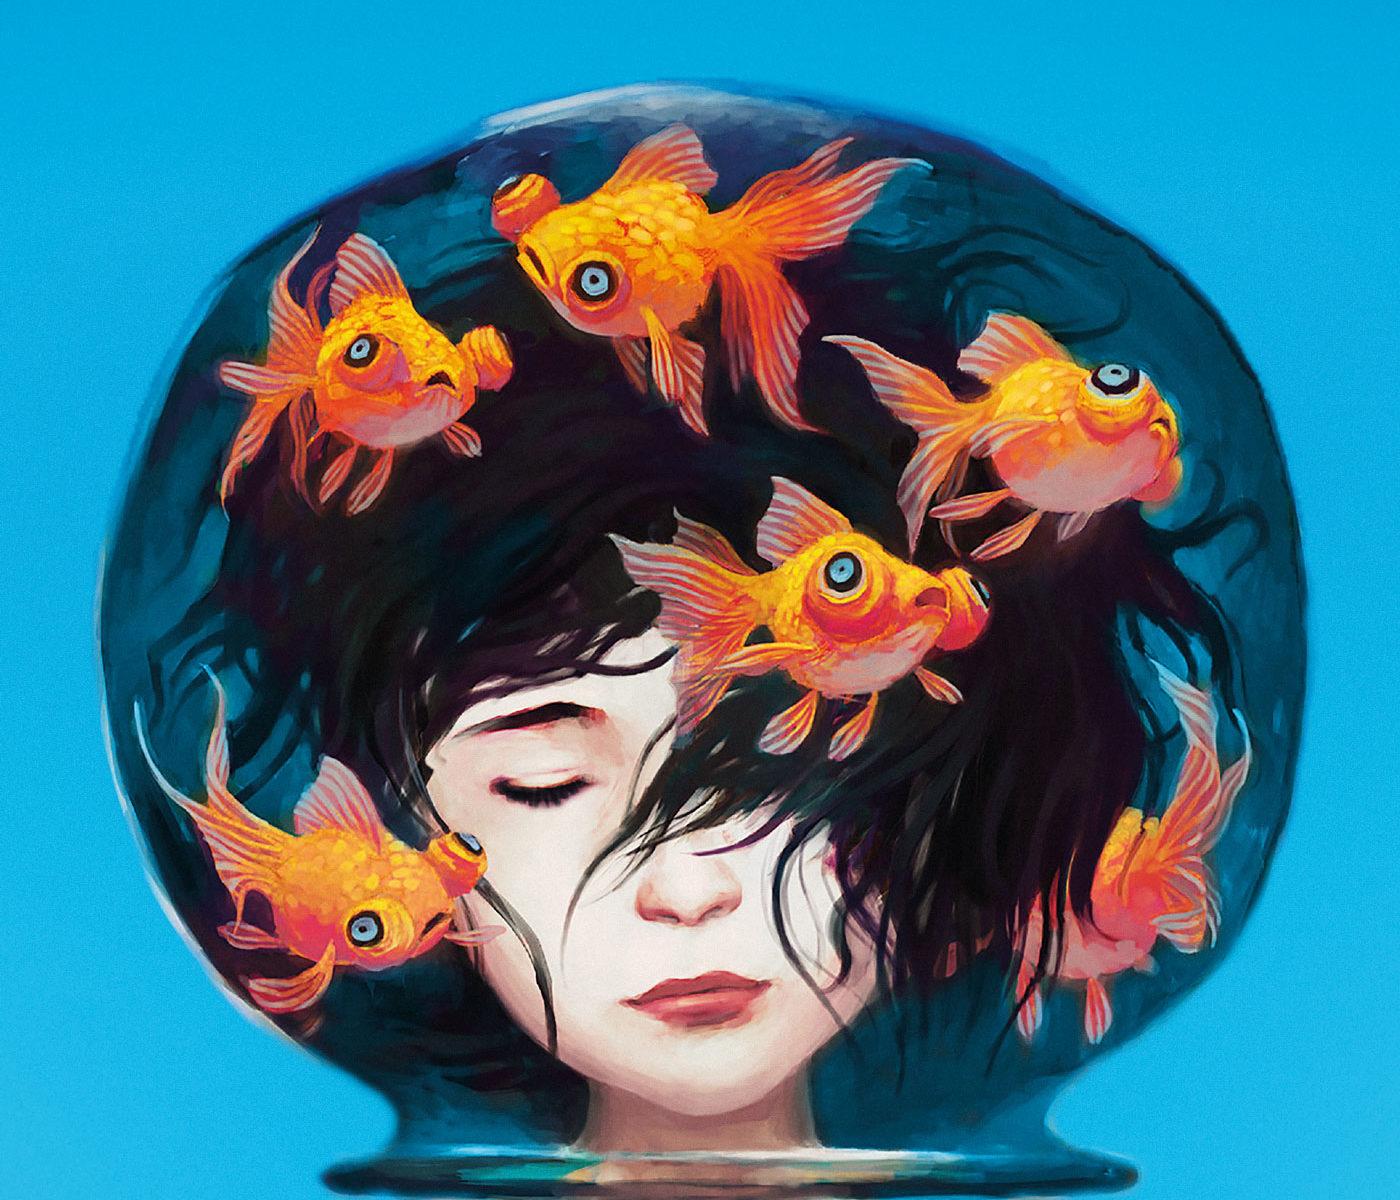 è ritratta un'immagine di una bambina che è appunto melody che ha la testa in una boccia per i pesci senza l'acqua e con i pesci che nuotano nell' aria